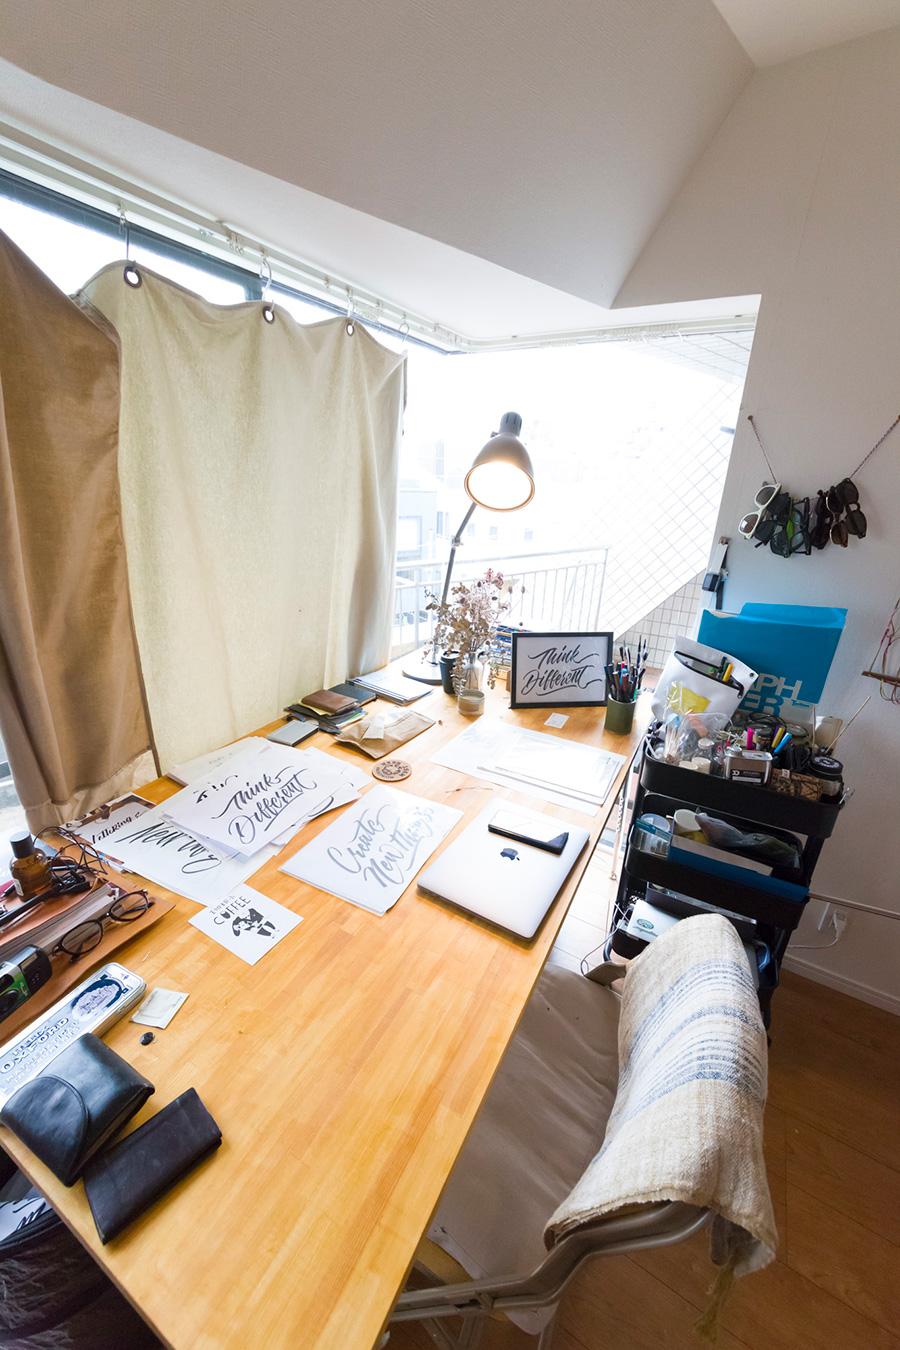 こちらは井澤さんの机。仕事から帰るとここでサインペインティングやレタリングの練習をしているそう。英語の勉強も毎日3時間!